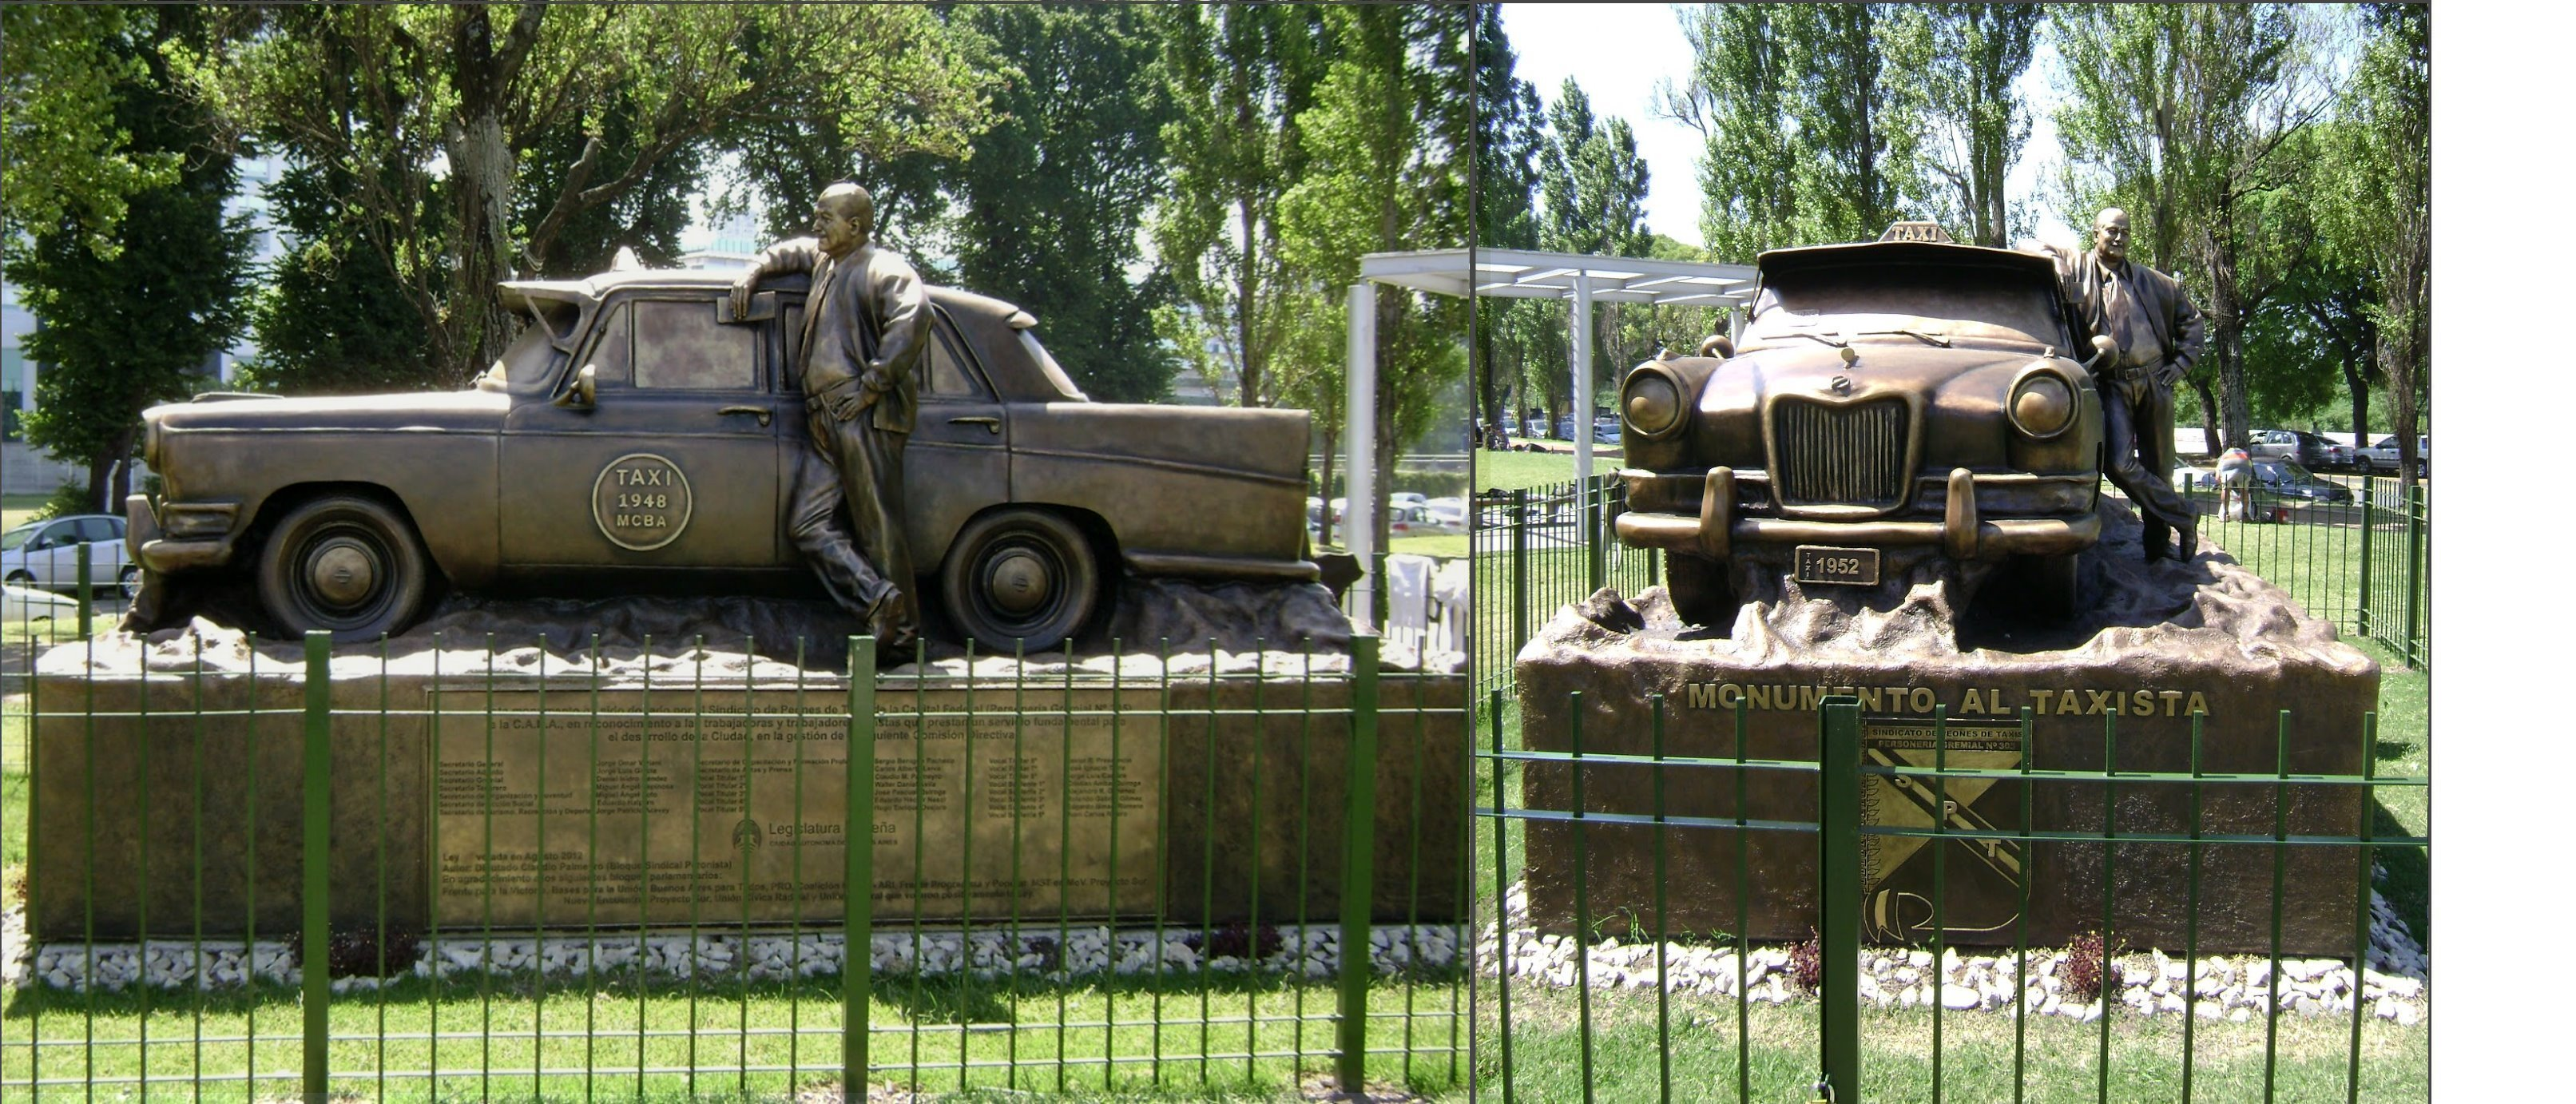 Monumento al Taxista en Macacha Güemes y Costanera en el barrio de Puerto Madero